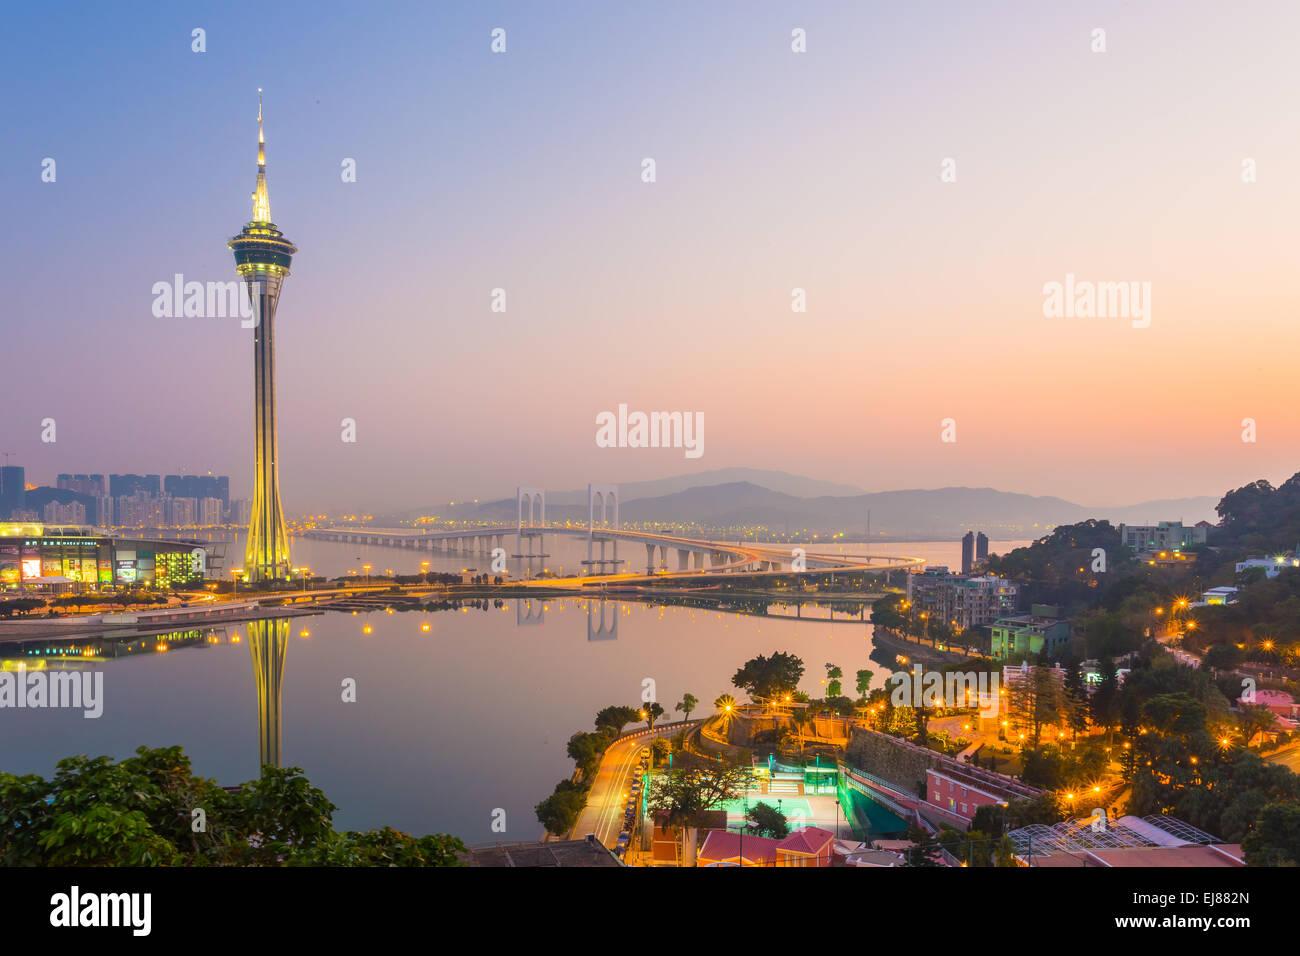 La torre de Macao, China Imagen De Stock